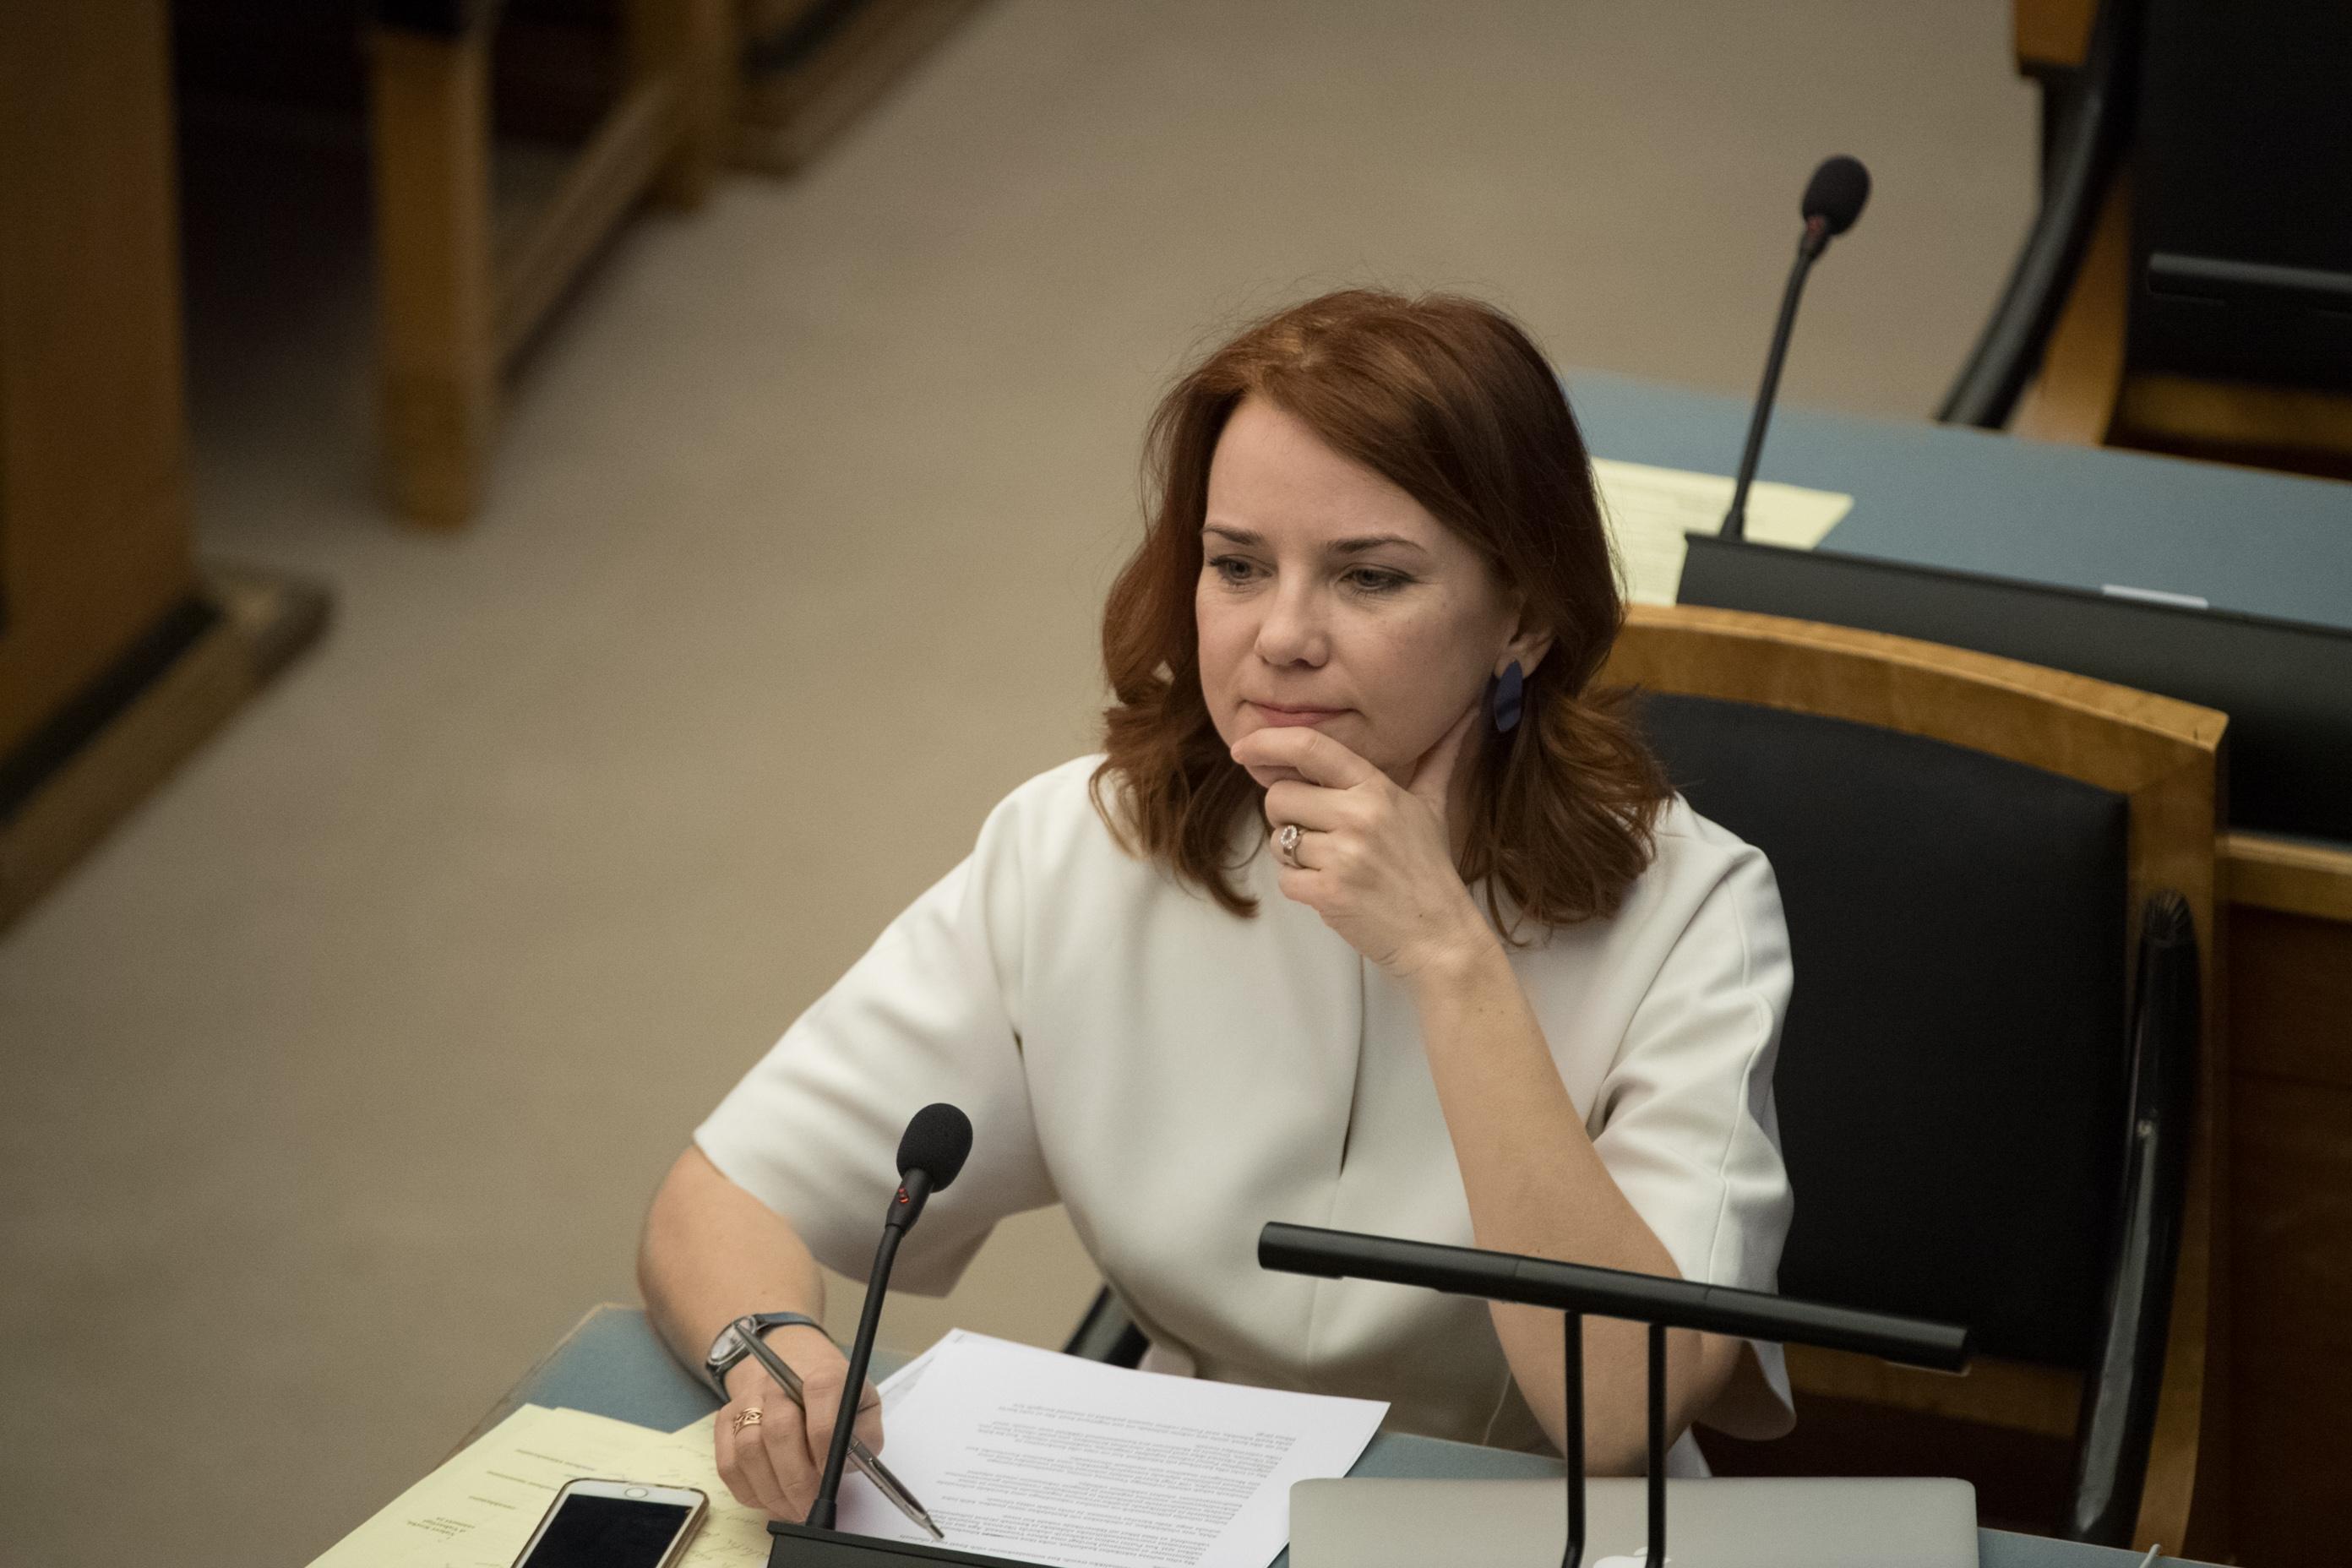 Pentus-Rosimannus debateerib Madridis Frans Timmermansiga kliimapoliitika üle